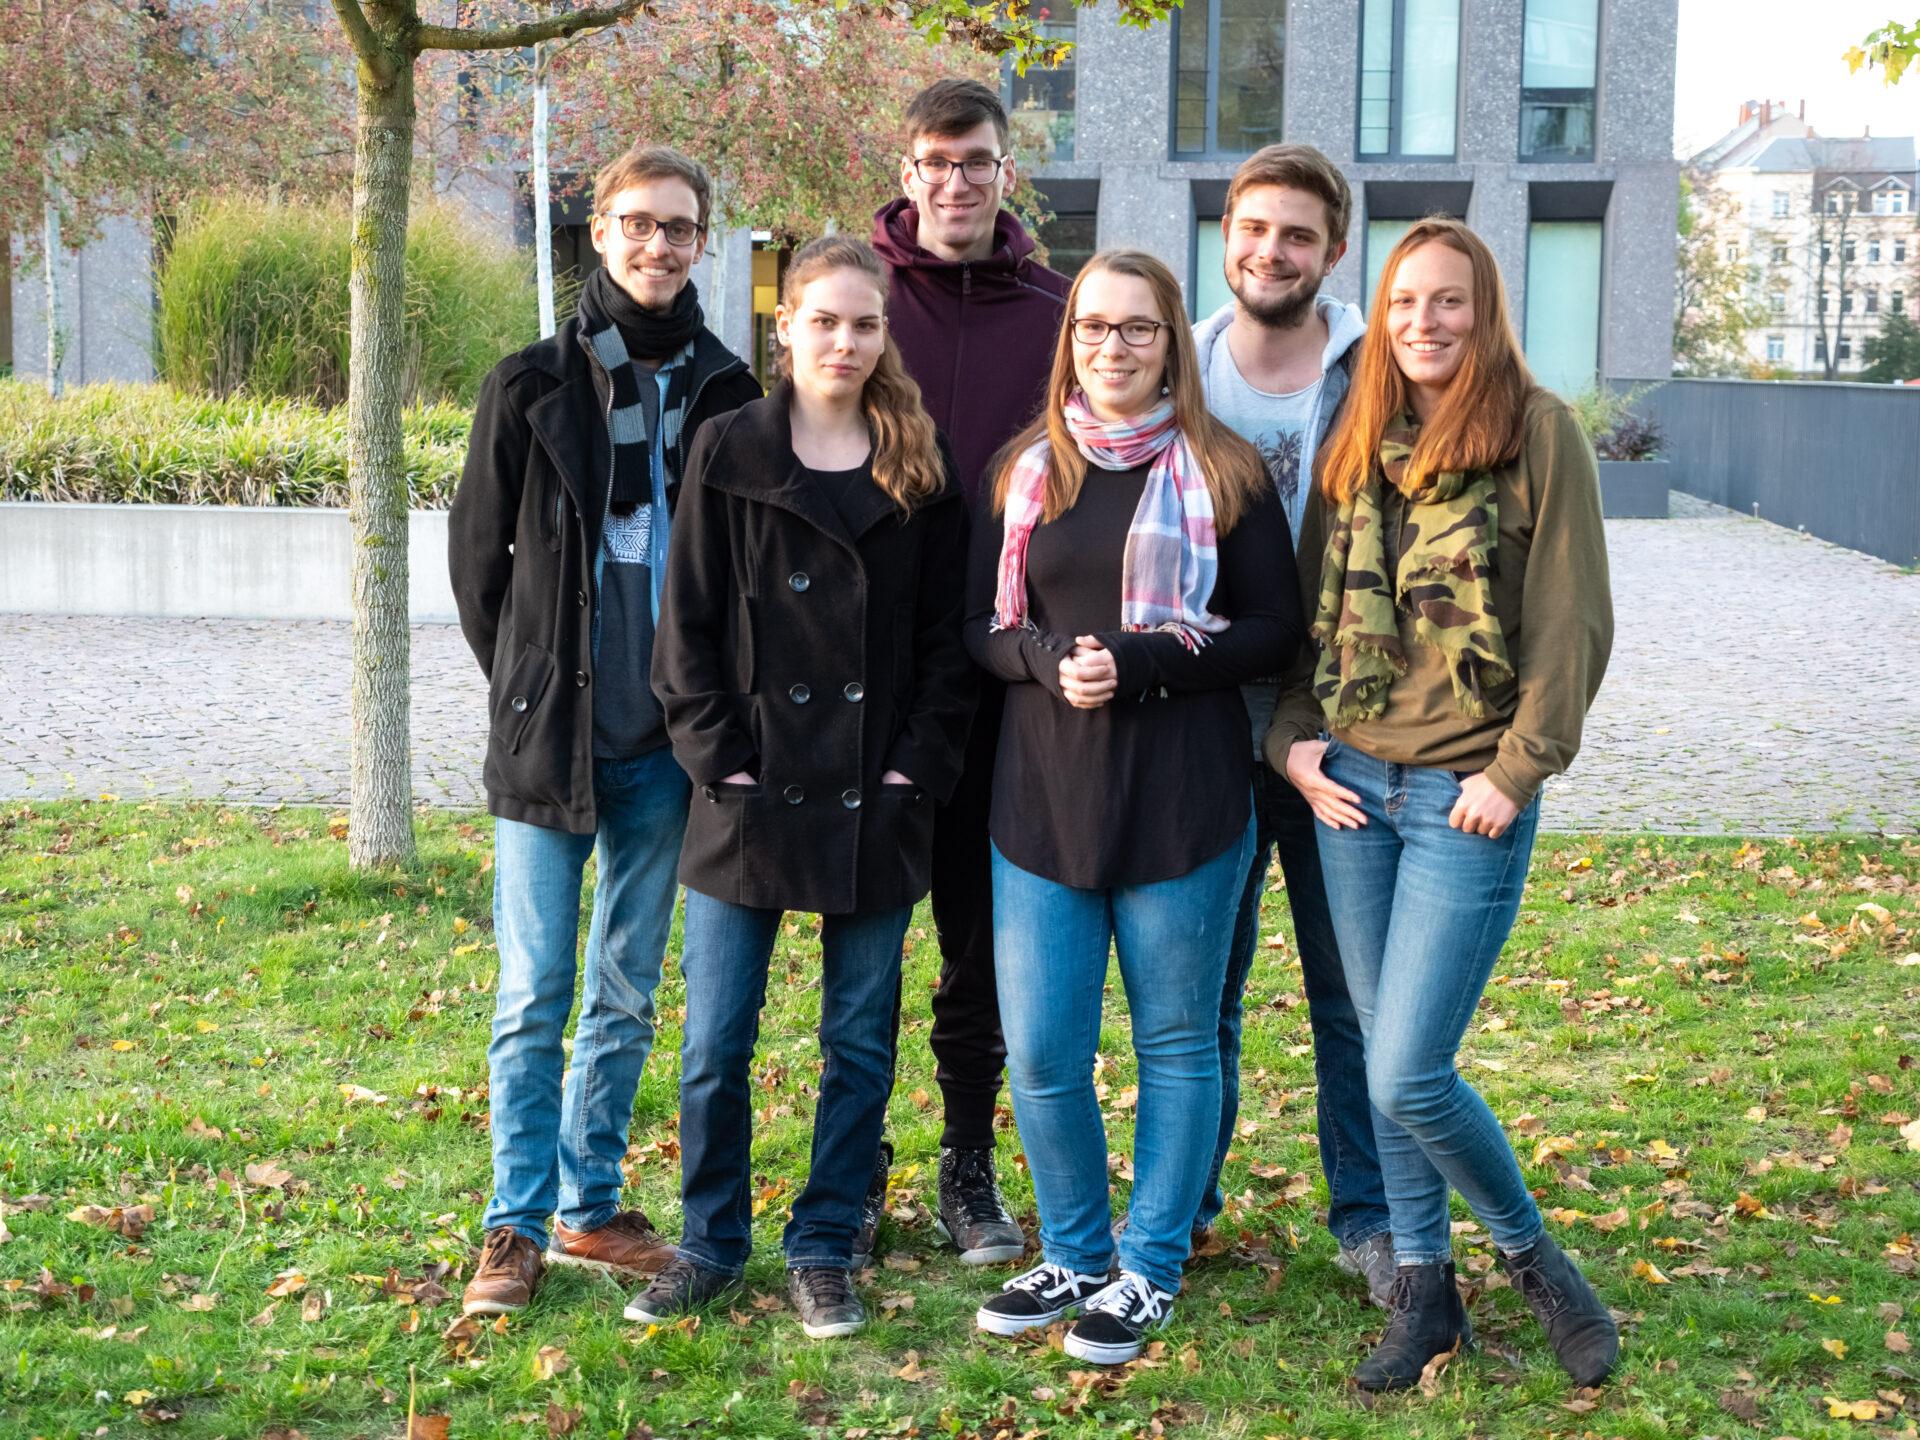 Das Team Event des Crossmedia- Teams der Hochschule Mittweida. Marius Knöfler, Nicklas Trost, Isabel Micha, Luise Geck, Tobias Stedtler, Vivian Kretzschmar